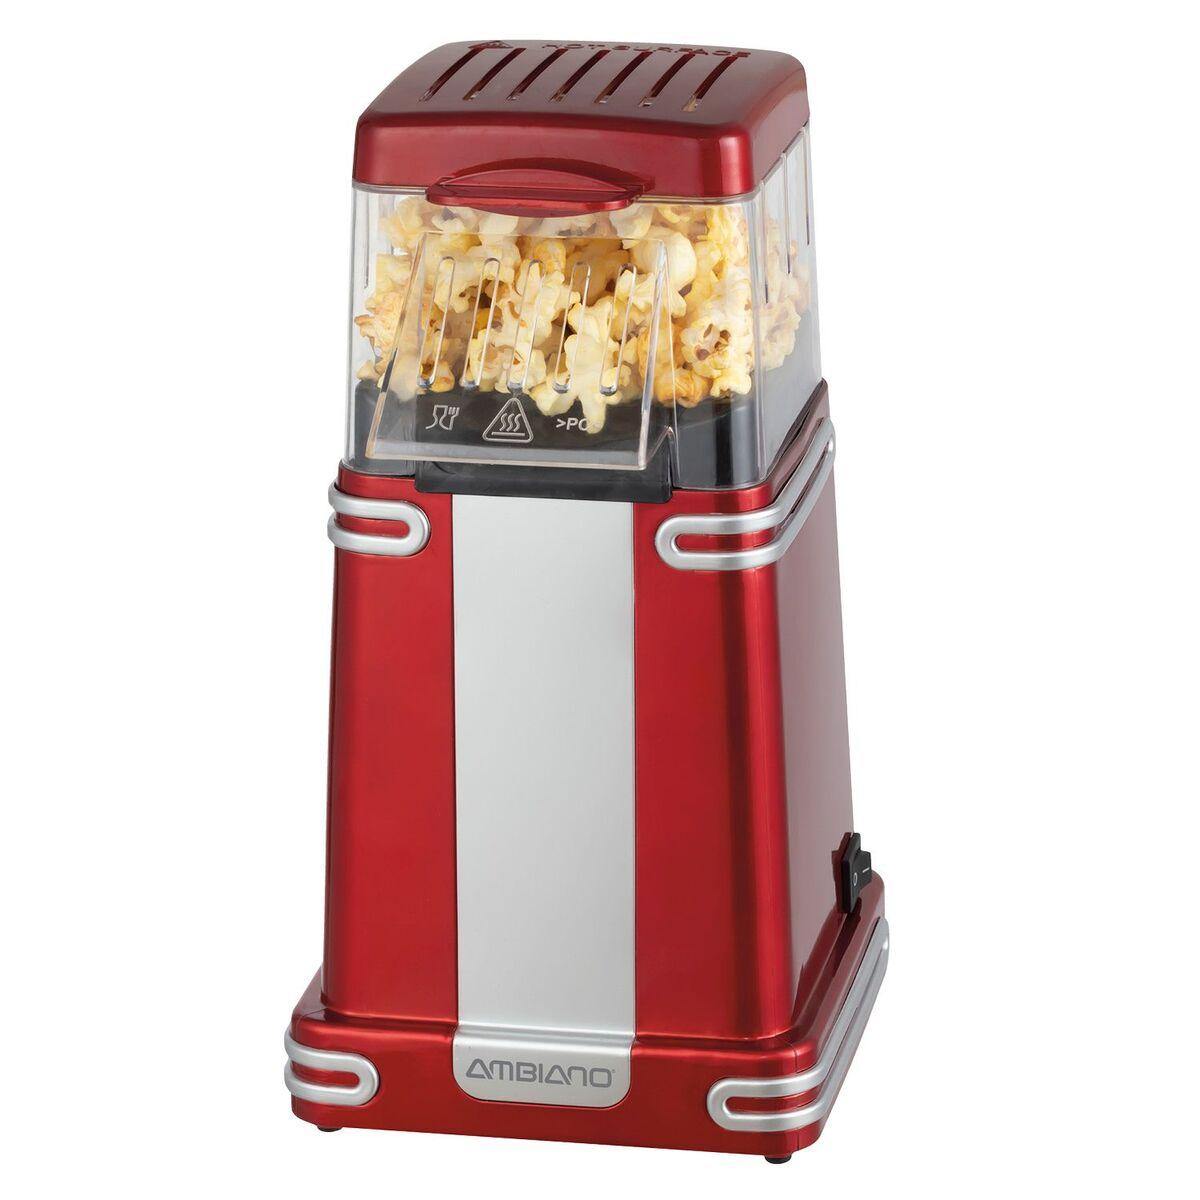 Bild 1 von AMBIANO Popcorn-Maschine/Zuckerwatte-Maschine/Schokobrunnen